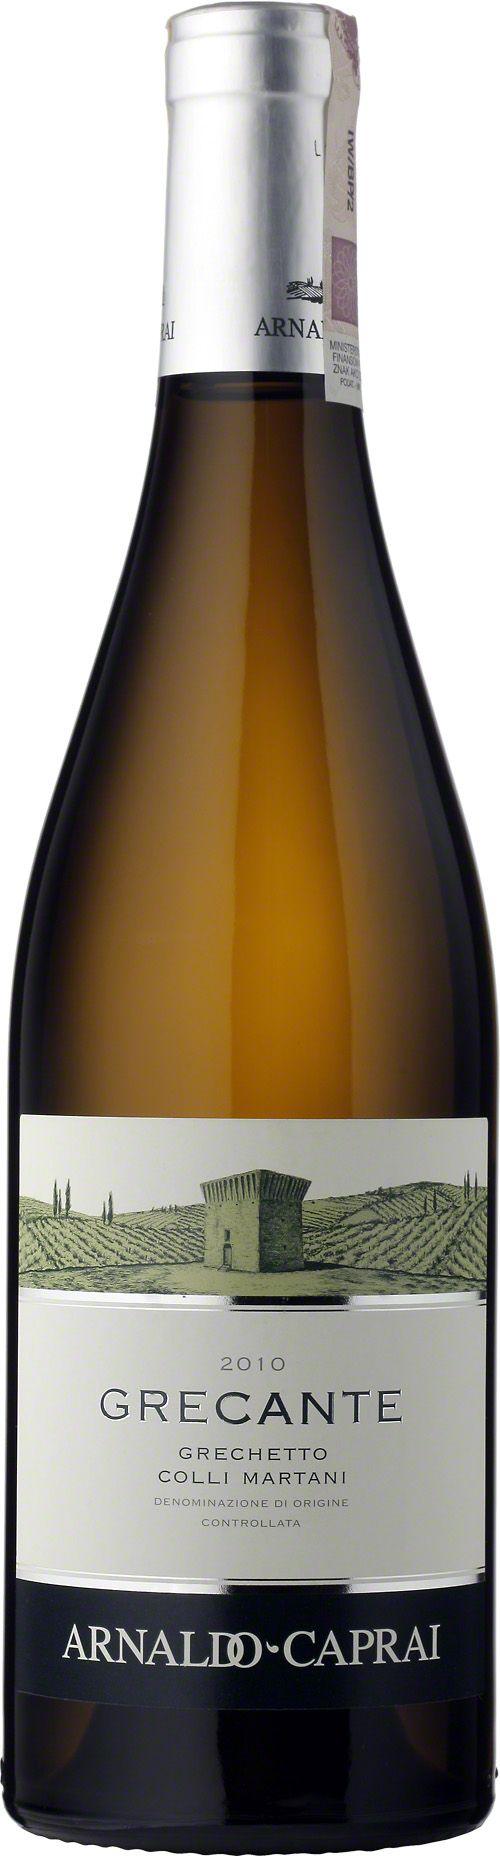 Grecante Grechetto Colli Martani D.O.C Wino o intensywnym słomkowym kolorze z zielonymi zabarwieniami. W aromatach wyczuć można kwiatowe nuty oraz intensywne owoce. Miękki, dobrze wyważony smak oraz przyjemne owocowe nuty. Grecante idealnie sprawdzi się jako imponujący aperitif i jako doskonały akompaniament do np. owoców morza. #Grecante #Grechetto #Colli #Martani #ArnaldoCaprai #Włochy #Umbria #Wino #Winezja